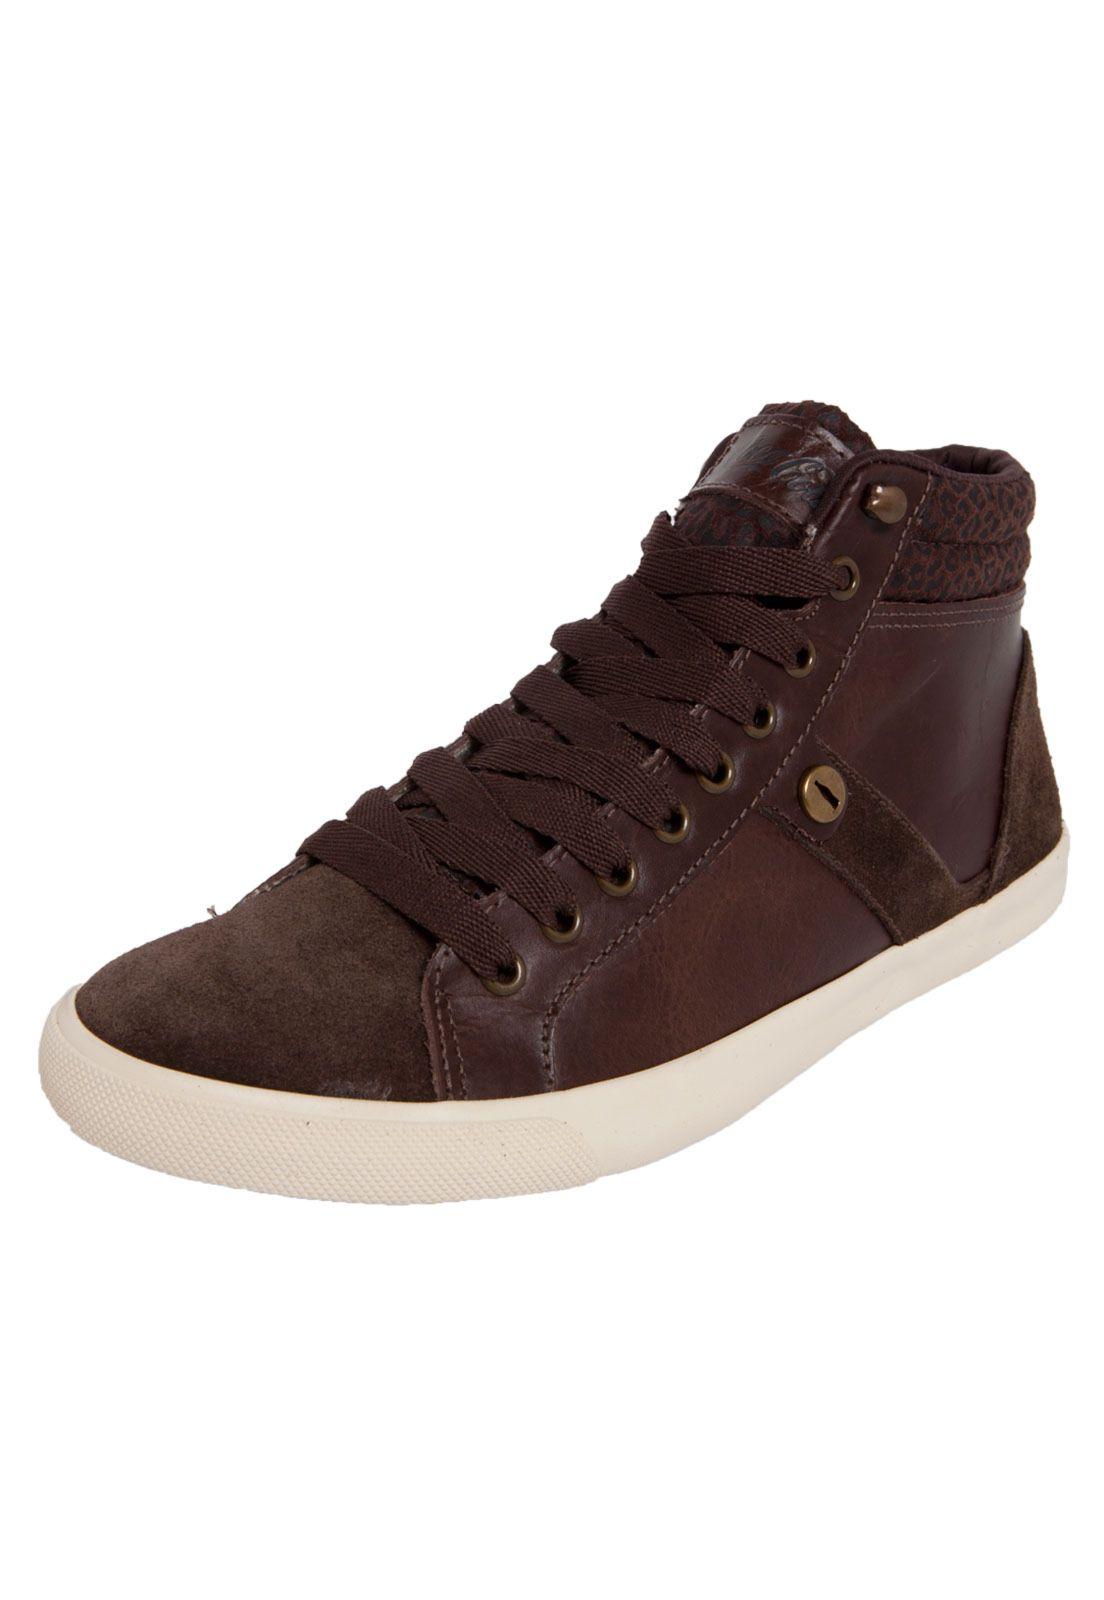 1215dbe5048 Tênis Coca Cola Shoes Walking Marrom - Compre Agora